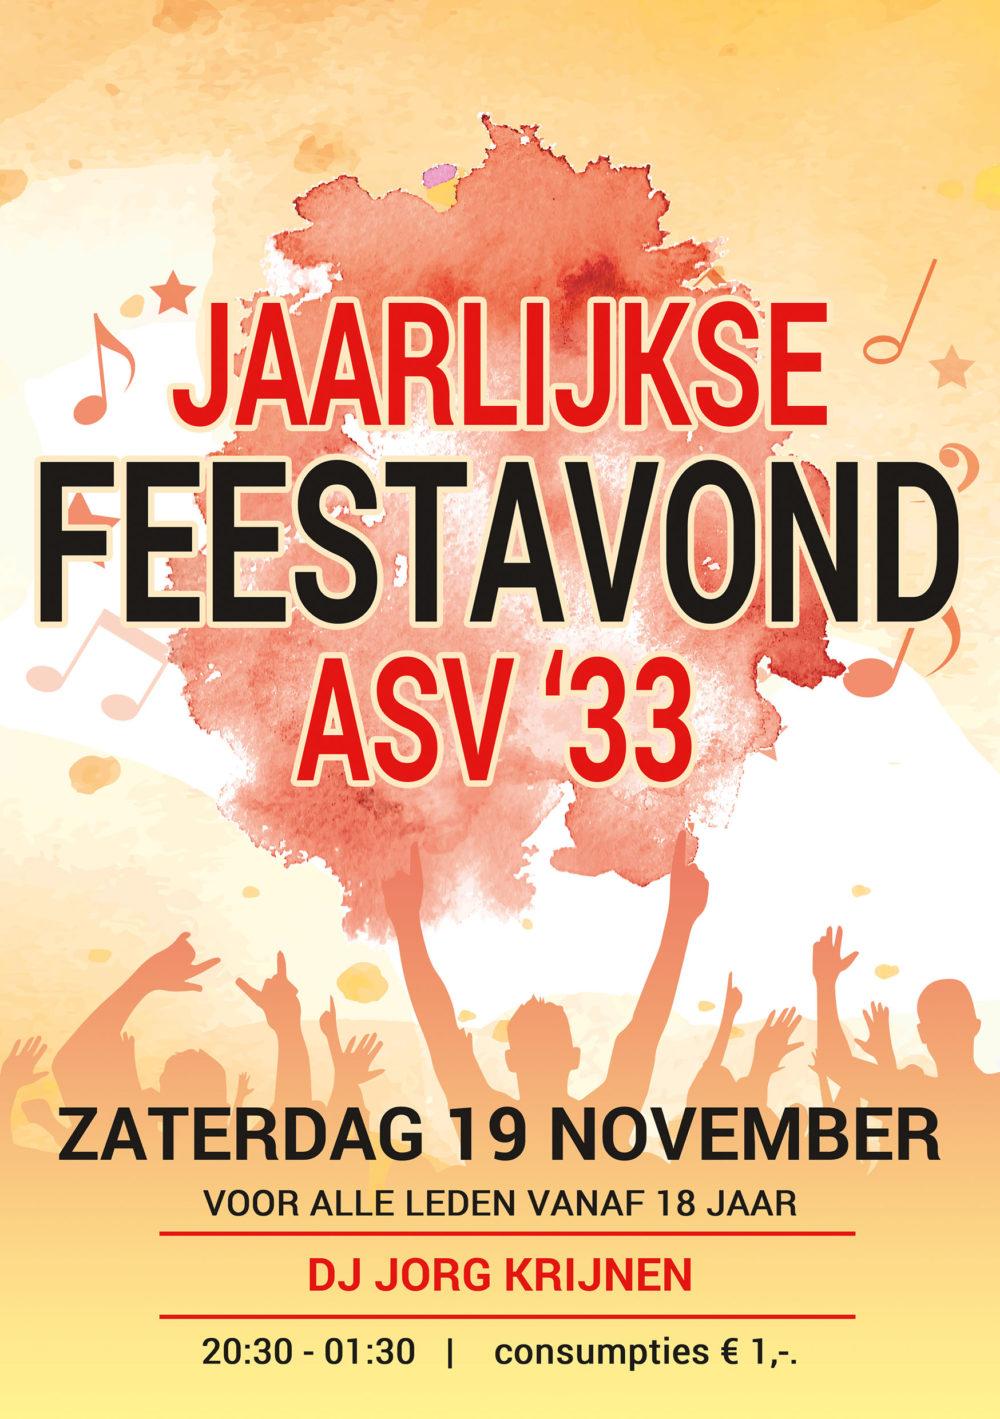 Poster design asv'33 Aarle-Rixtel